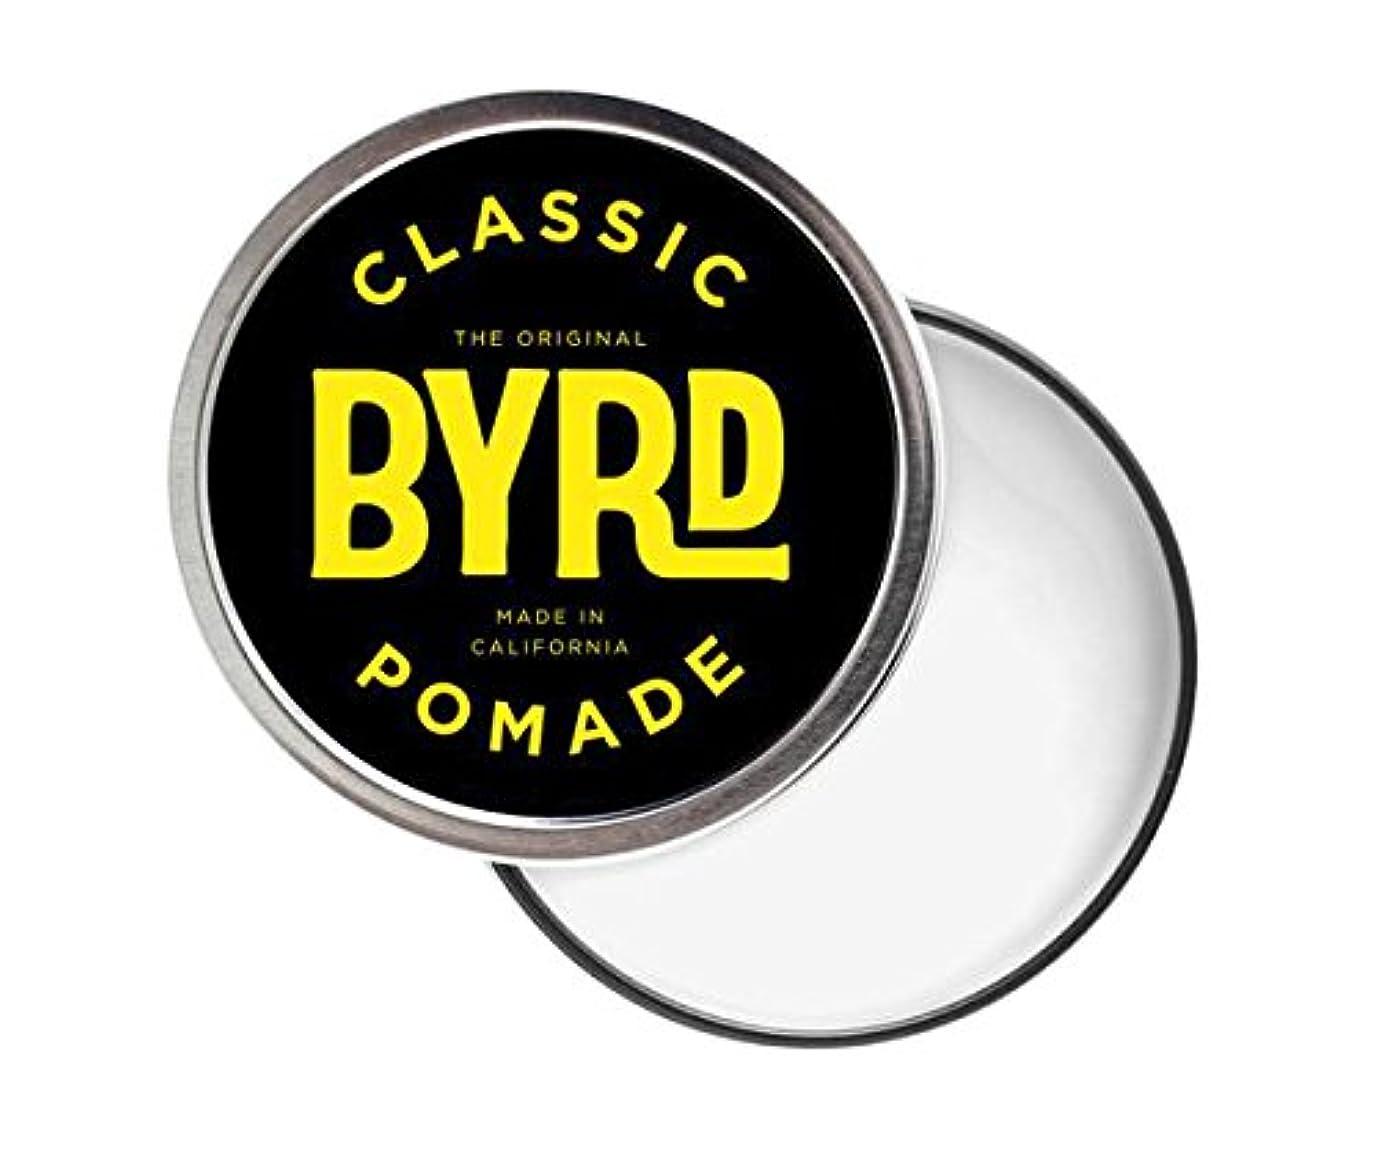 クラフトクリーム管理BYRD(バード) クラシックポマード 42g